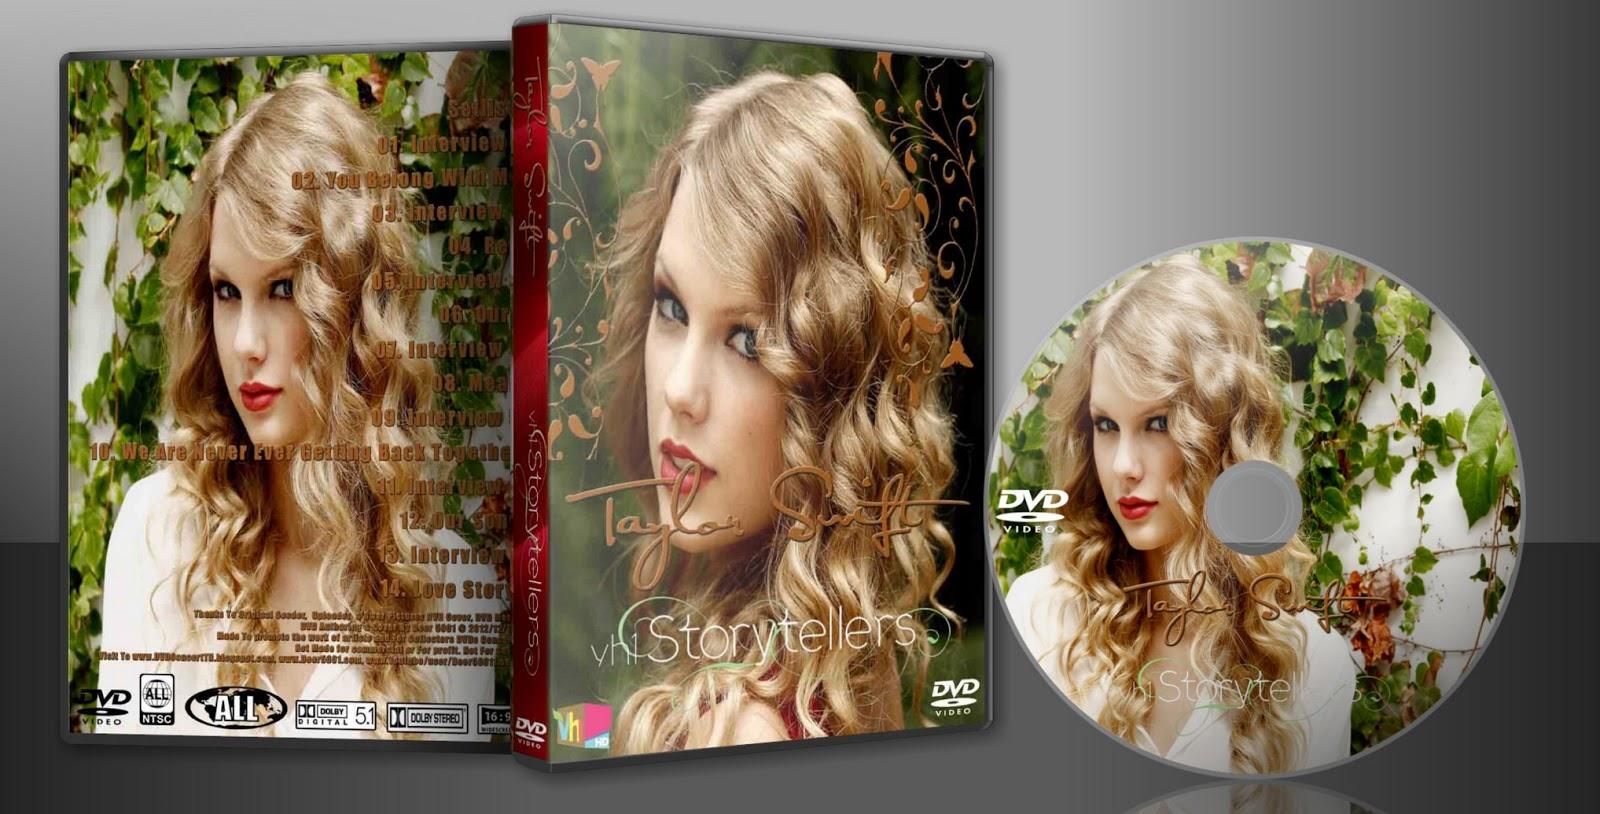 http://1.bp.blogspot.com/-hYc2ePMEzaM/UMVf0CgNSBI/AAAAAAAACcg/yyCfpRmECZU/s1600/DVD+Taylor+Swift+2012+VH1+Storyellers.jpg